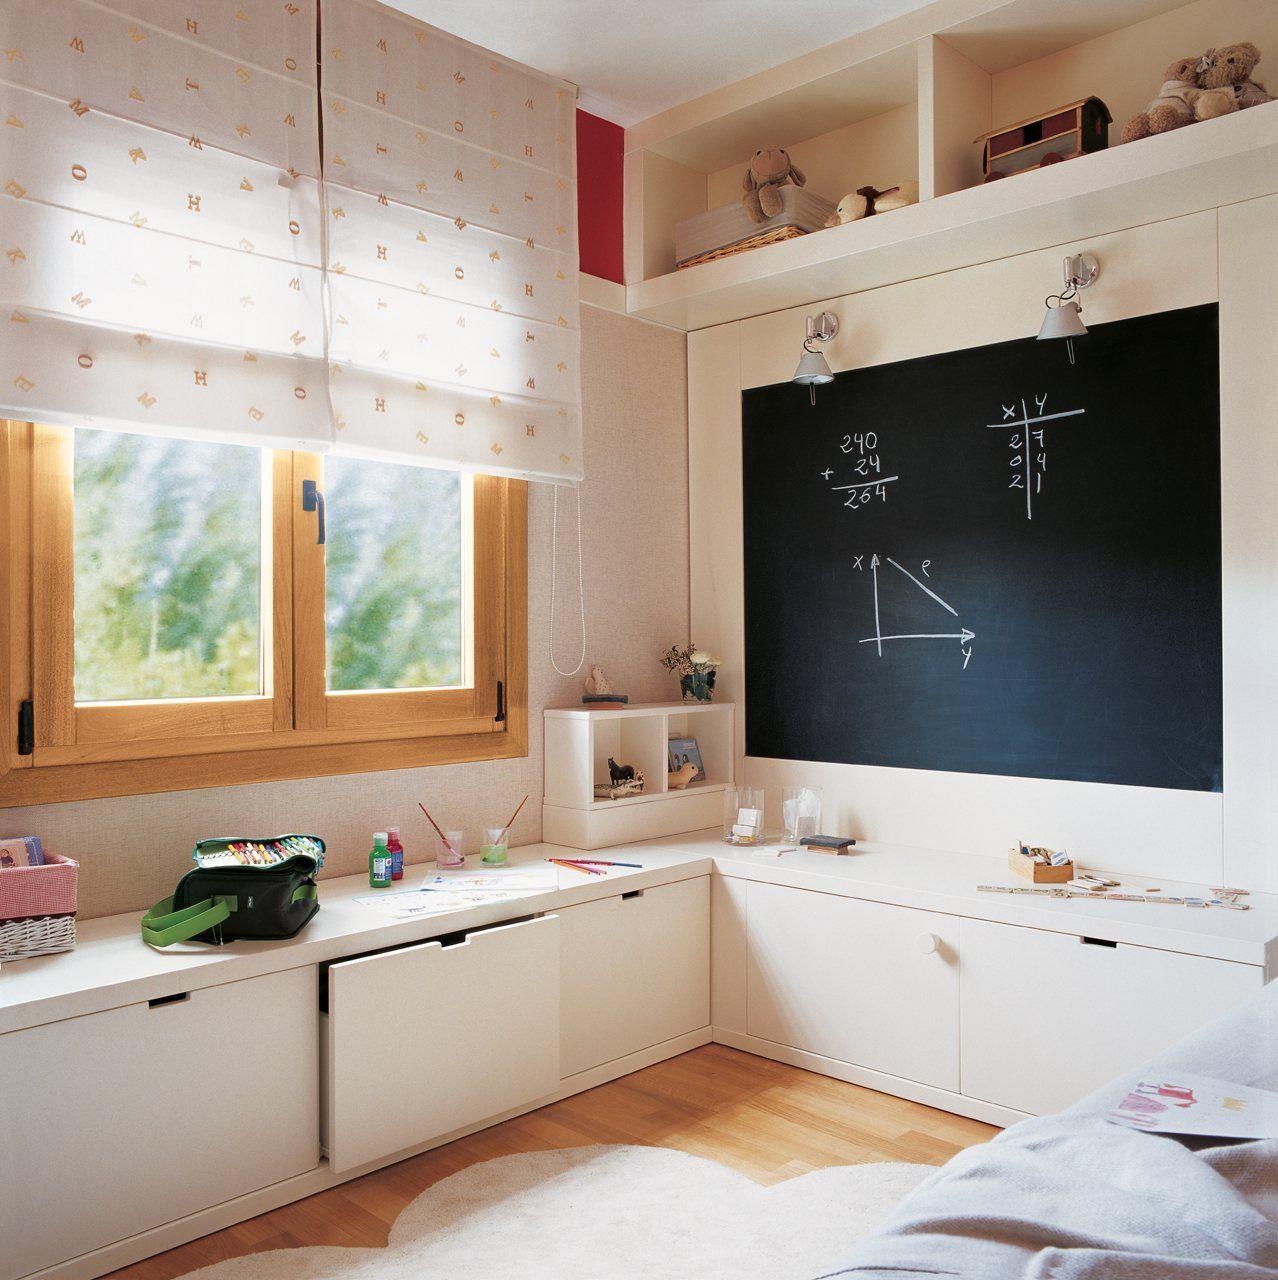 dormitorios infantiles pequeños: sácales partido · elmueble.com ... - Muebles De Dormitorio Para Ninos